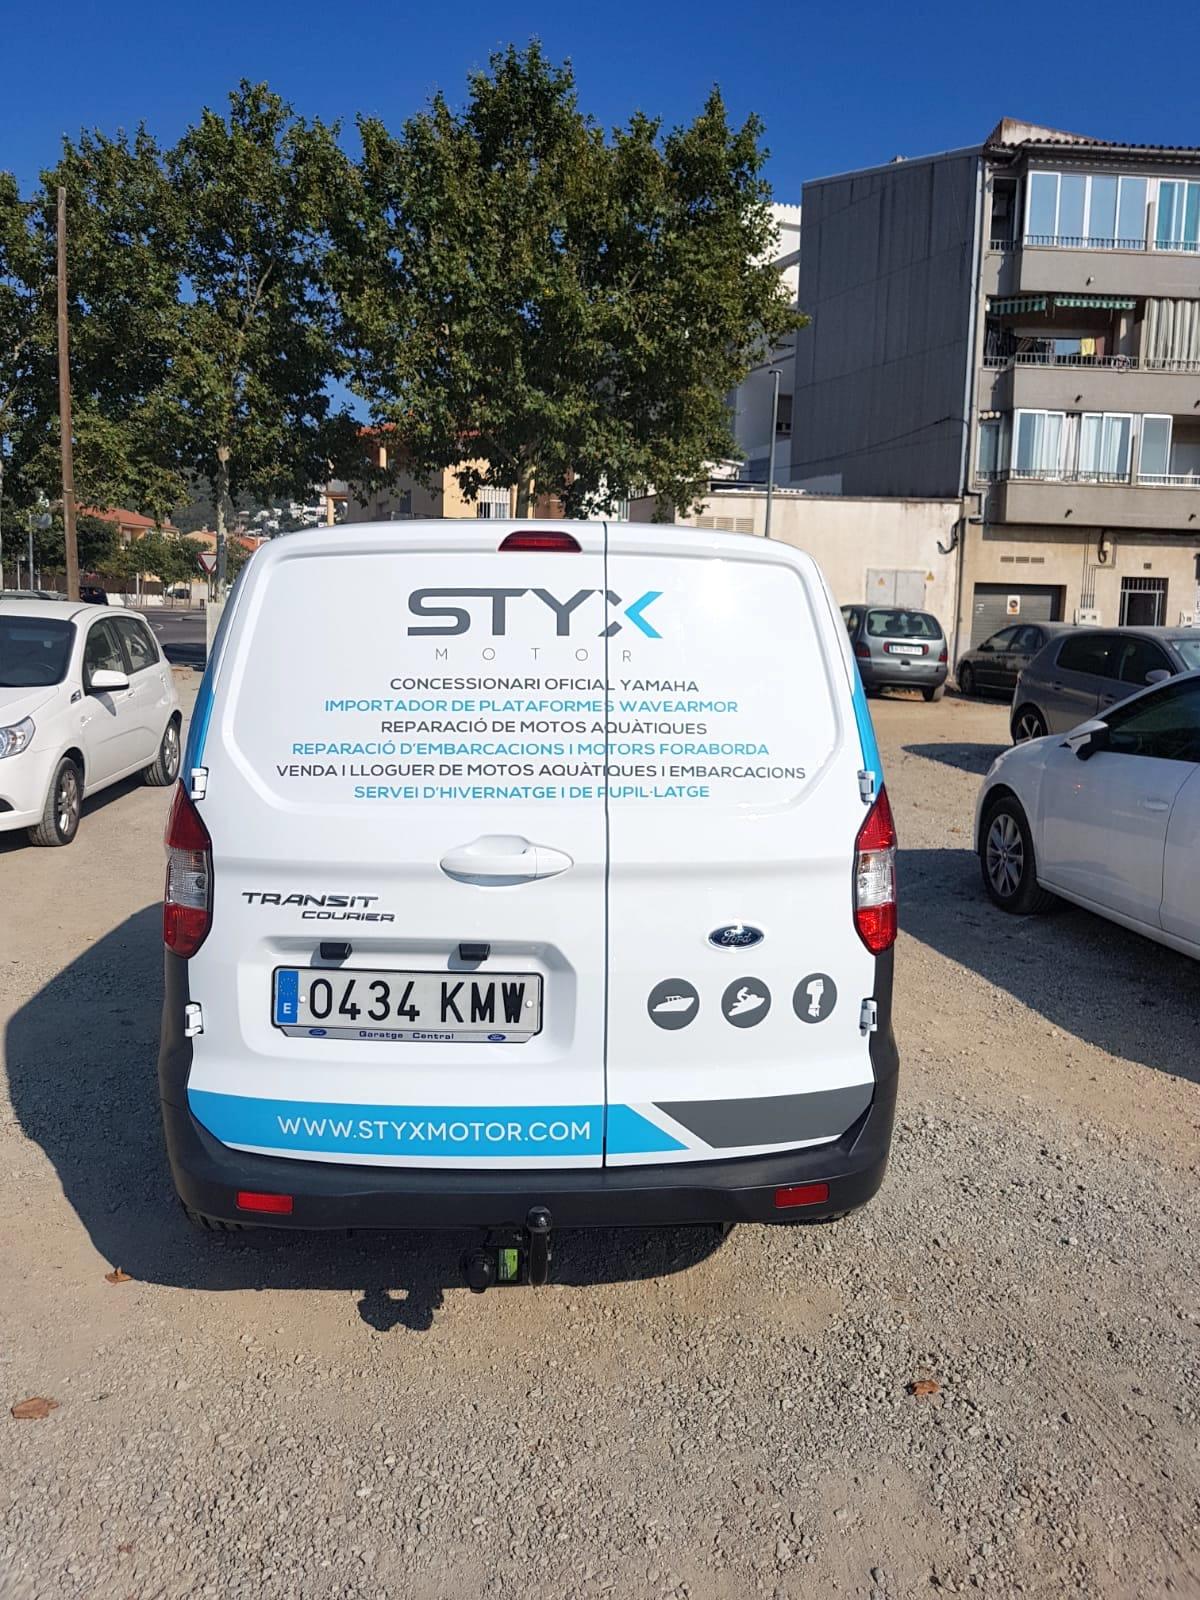 STYXMOTOR7 - Retolació vehicles